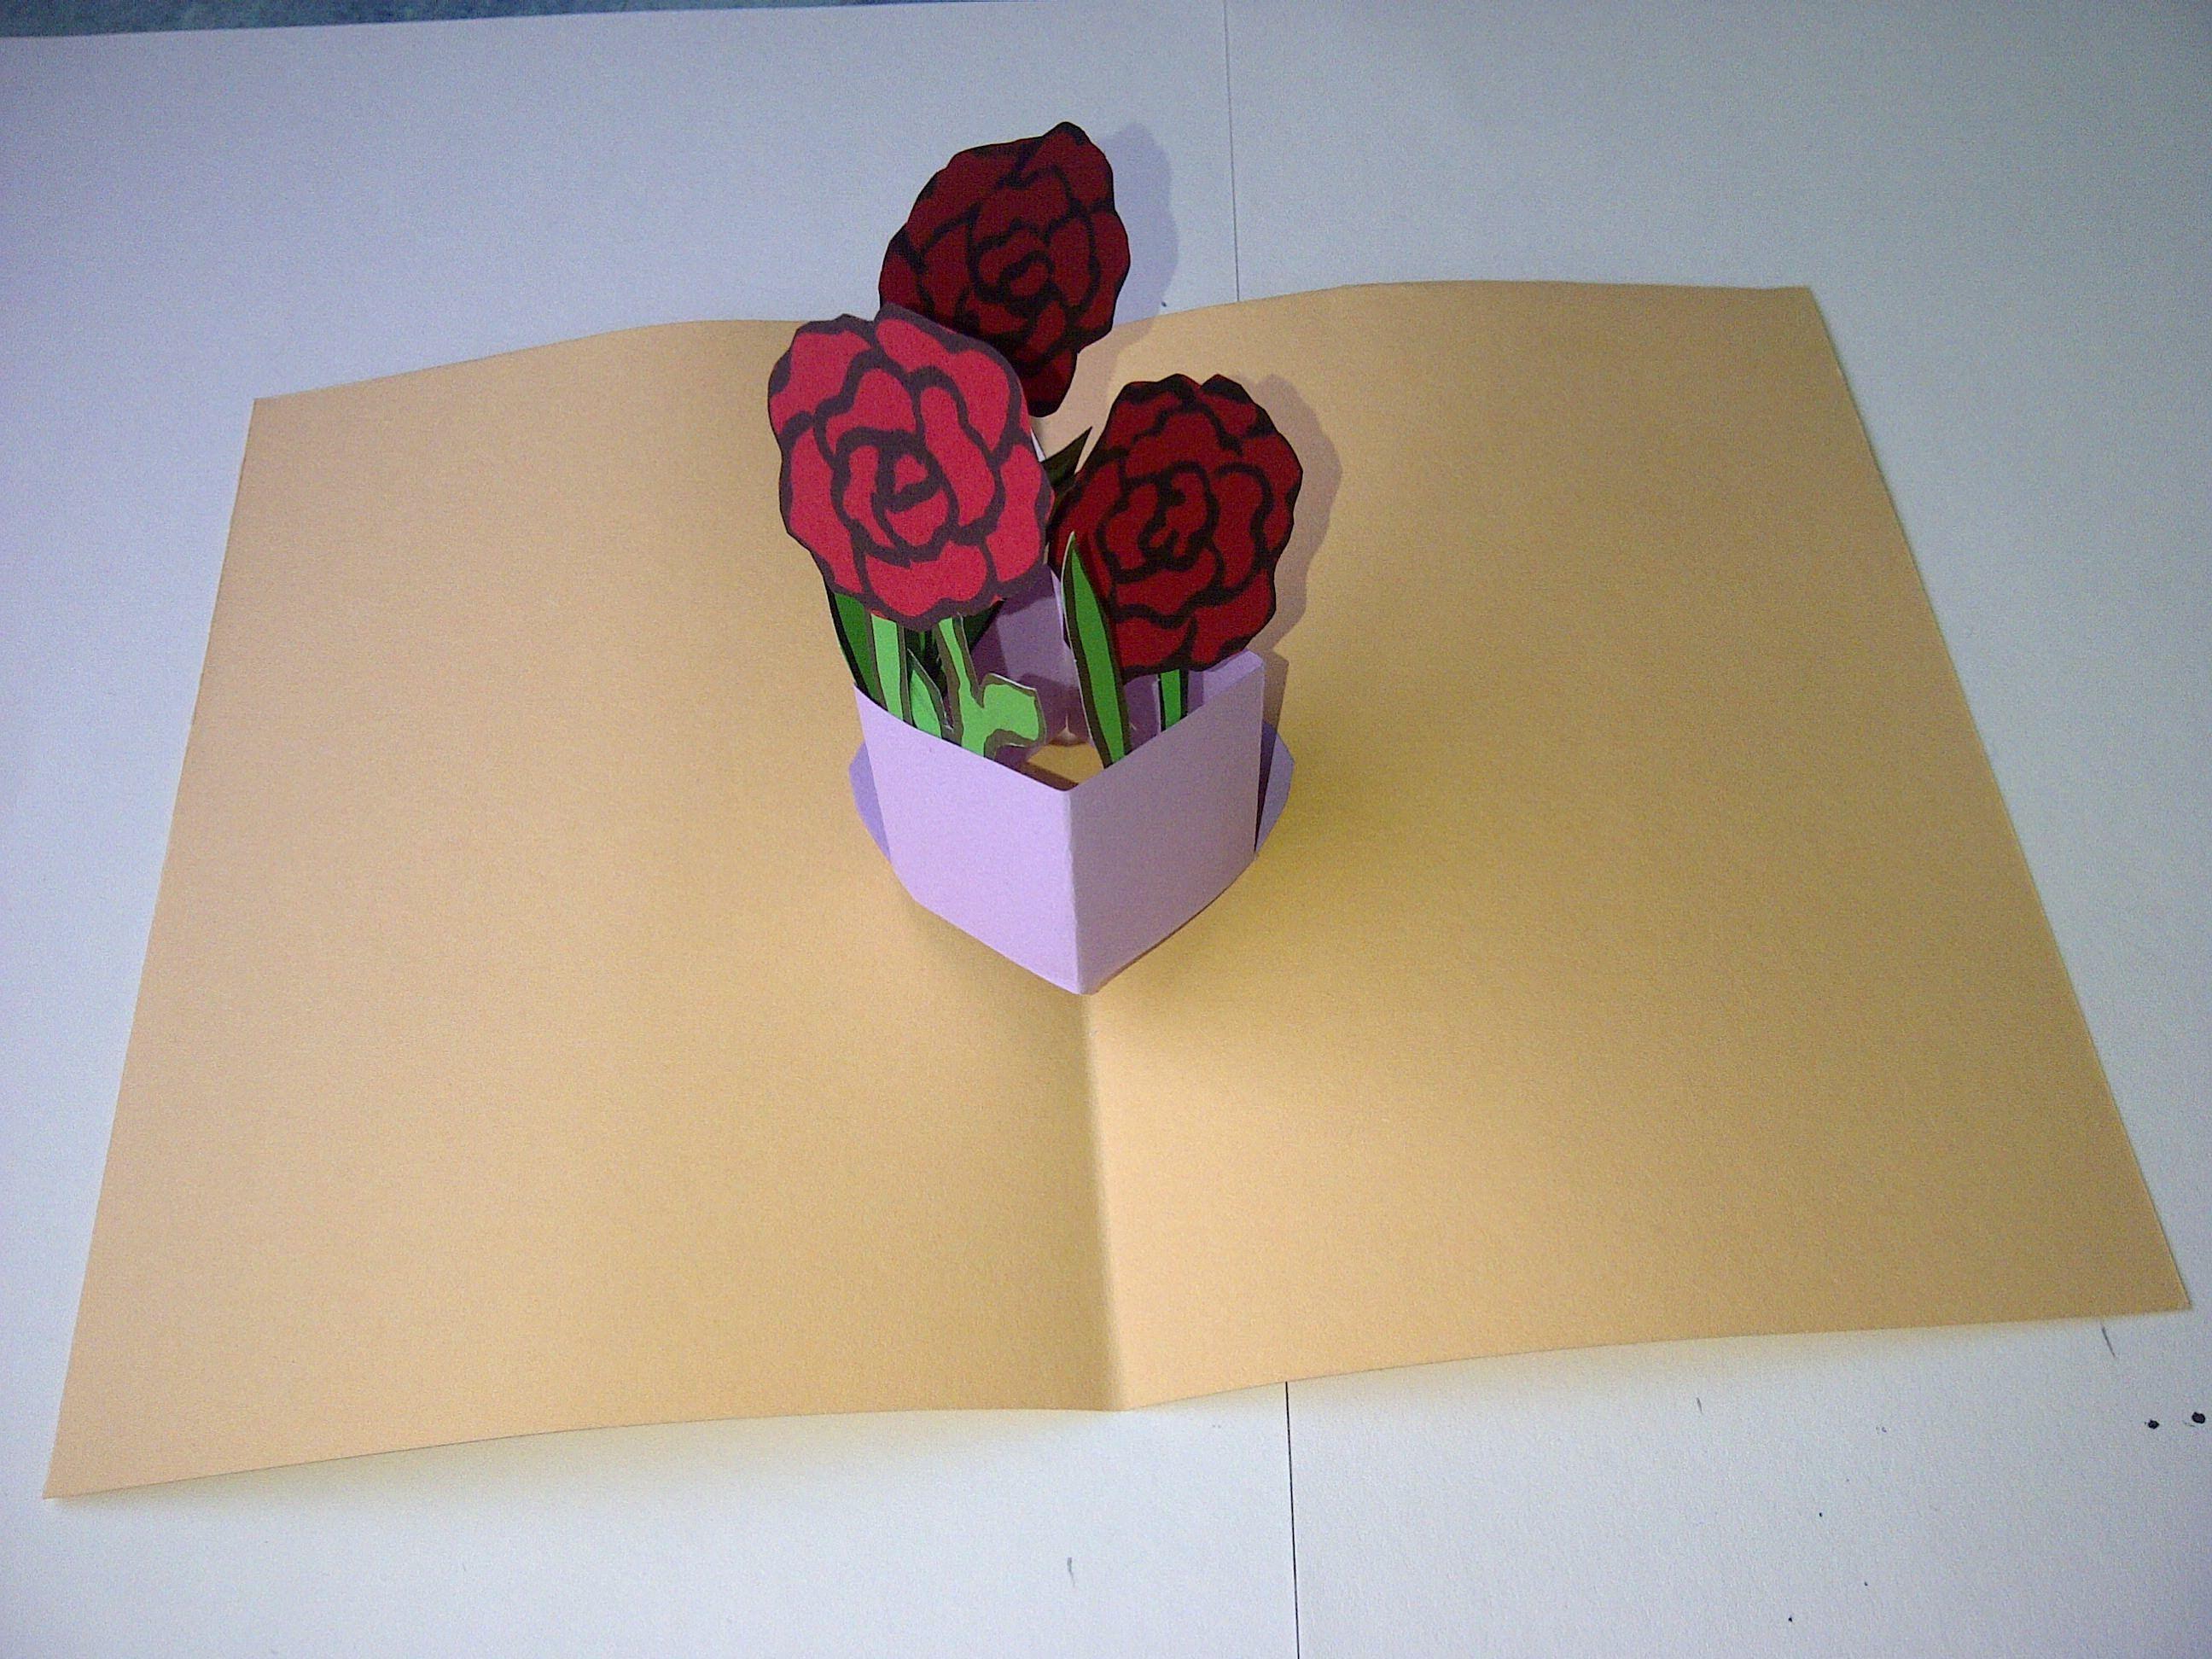 первую как сделать объемную открытку с 8 марта красивые снимки